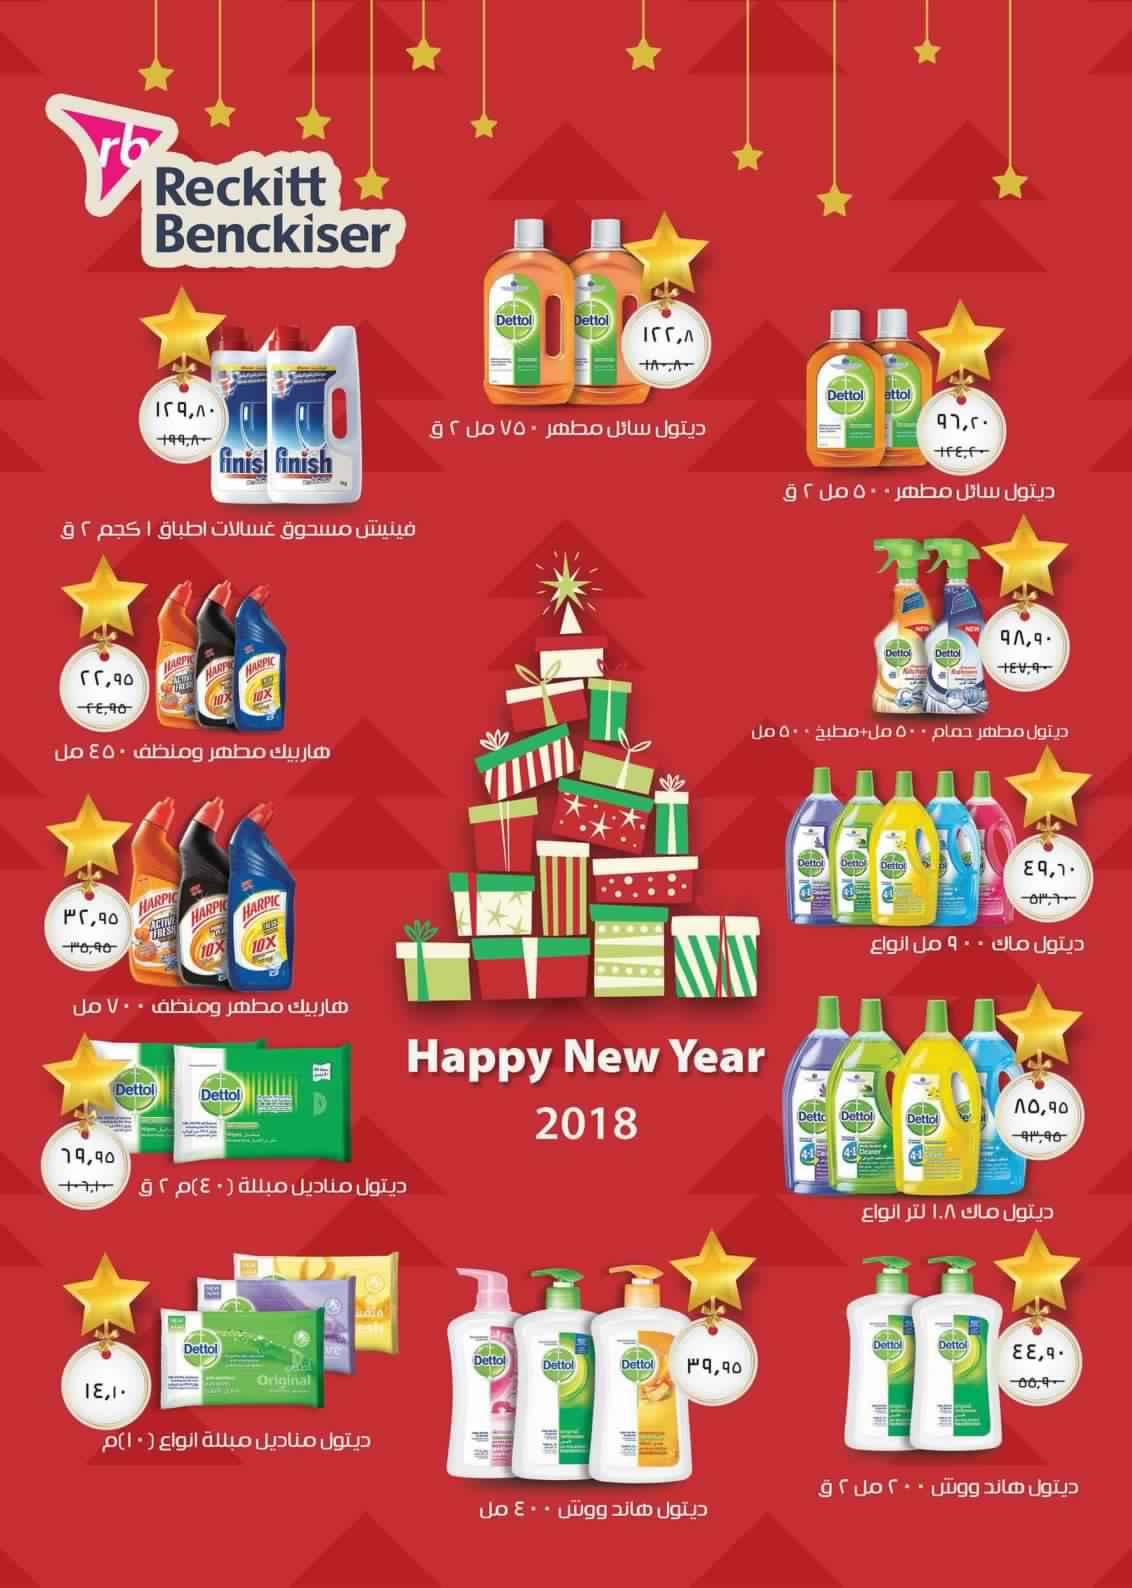 عروض سعودى ماركت الجديدة من 21 ديسمبر 2017 حتى 8 يناير 2018